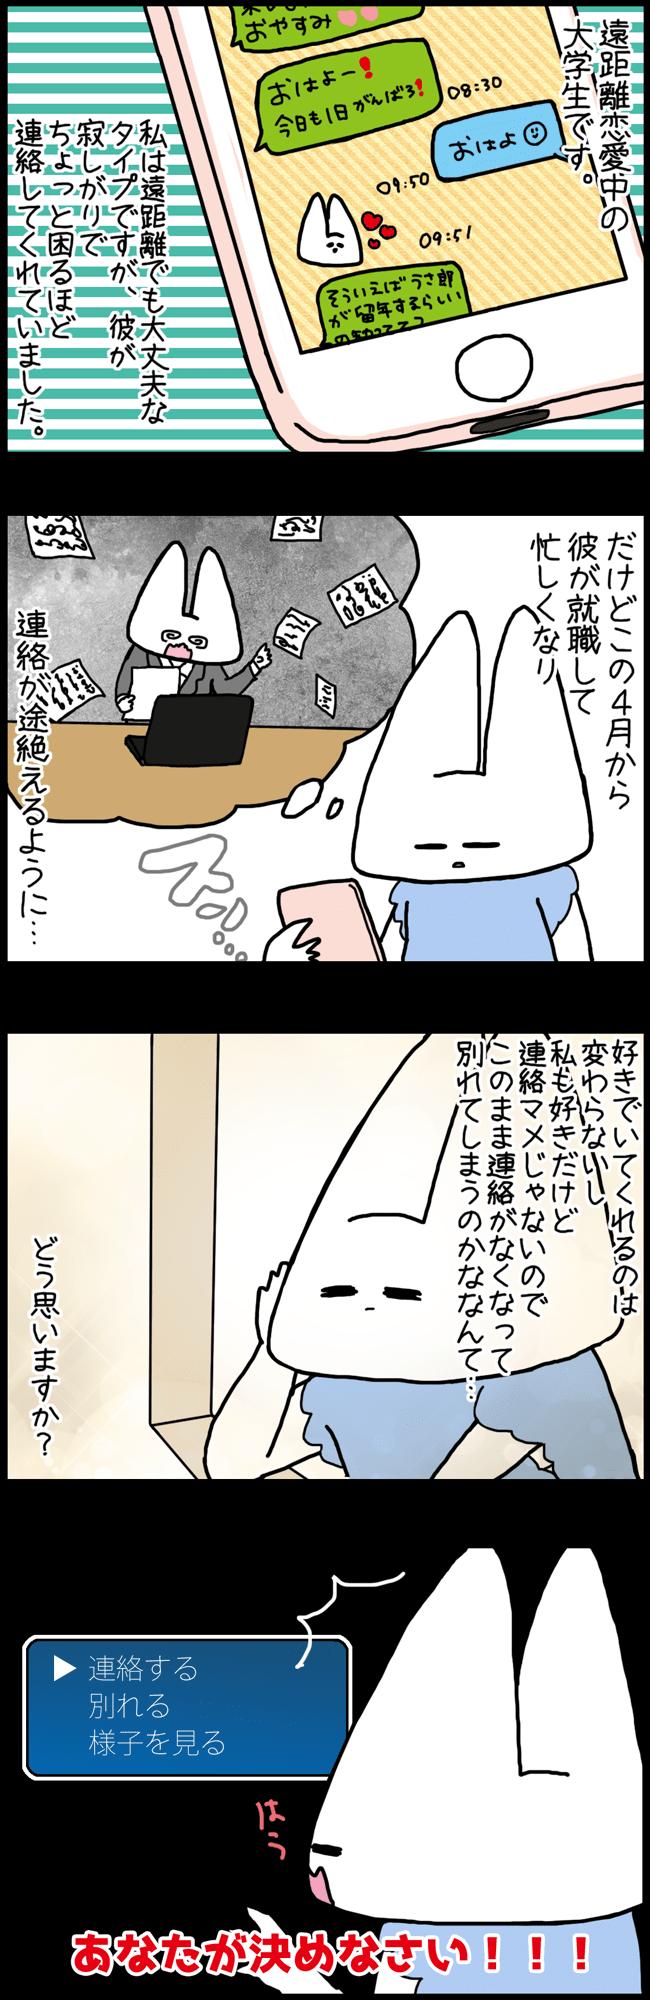 usa148